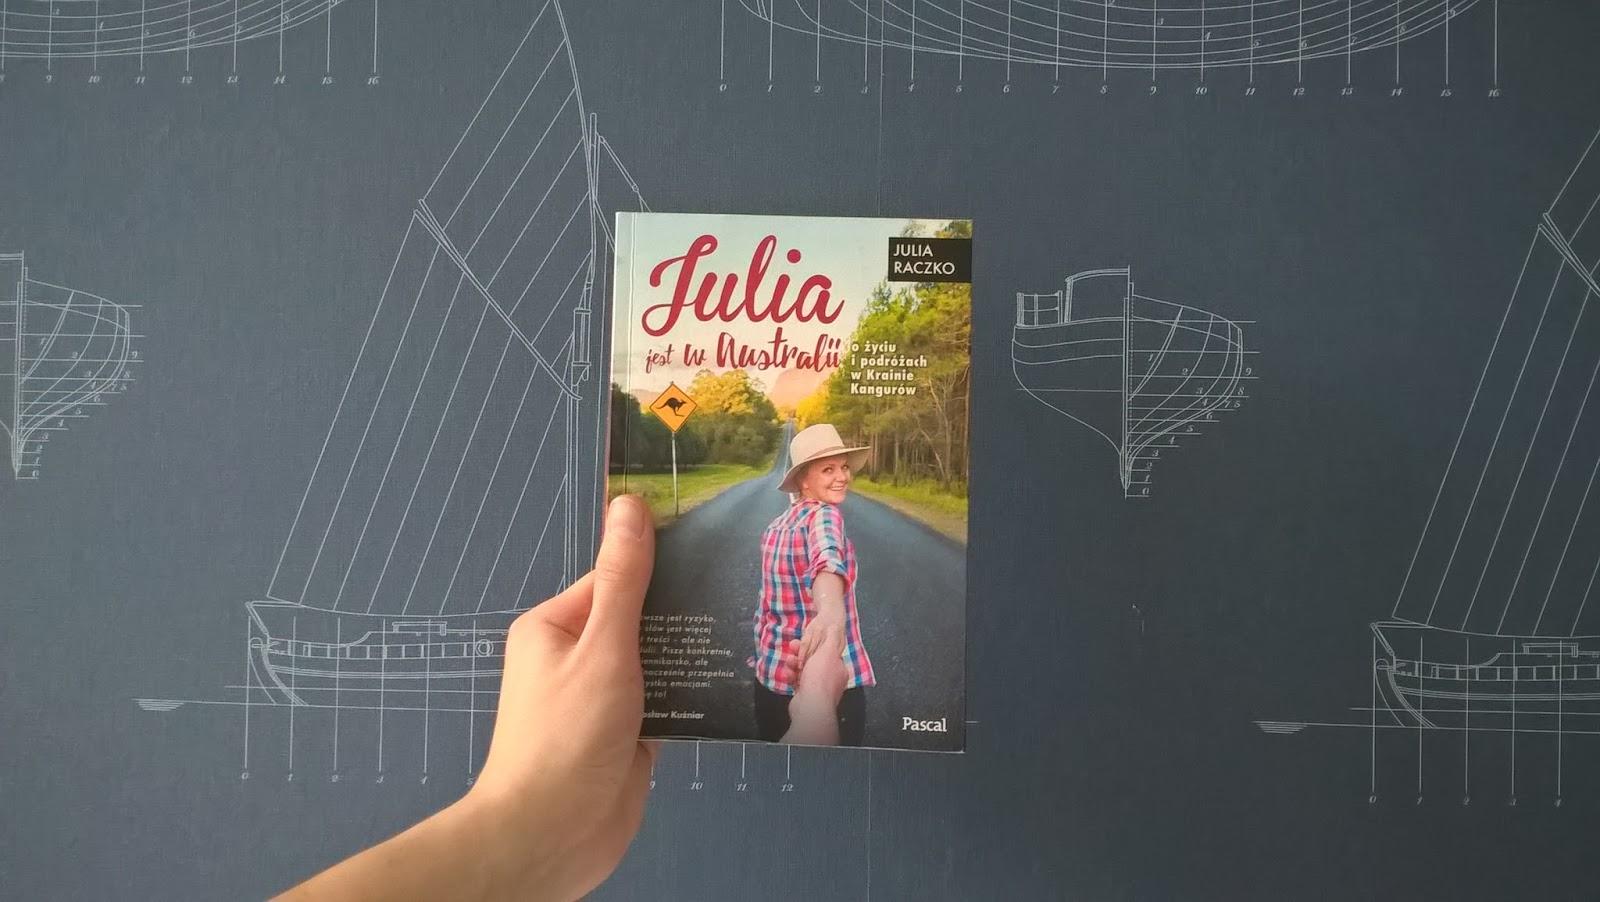 """Recenzja #5 """"Julia jest w Australii"""" - Julia Raczko"""